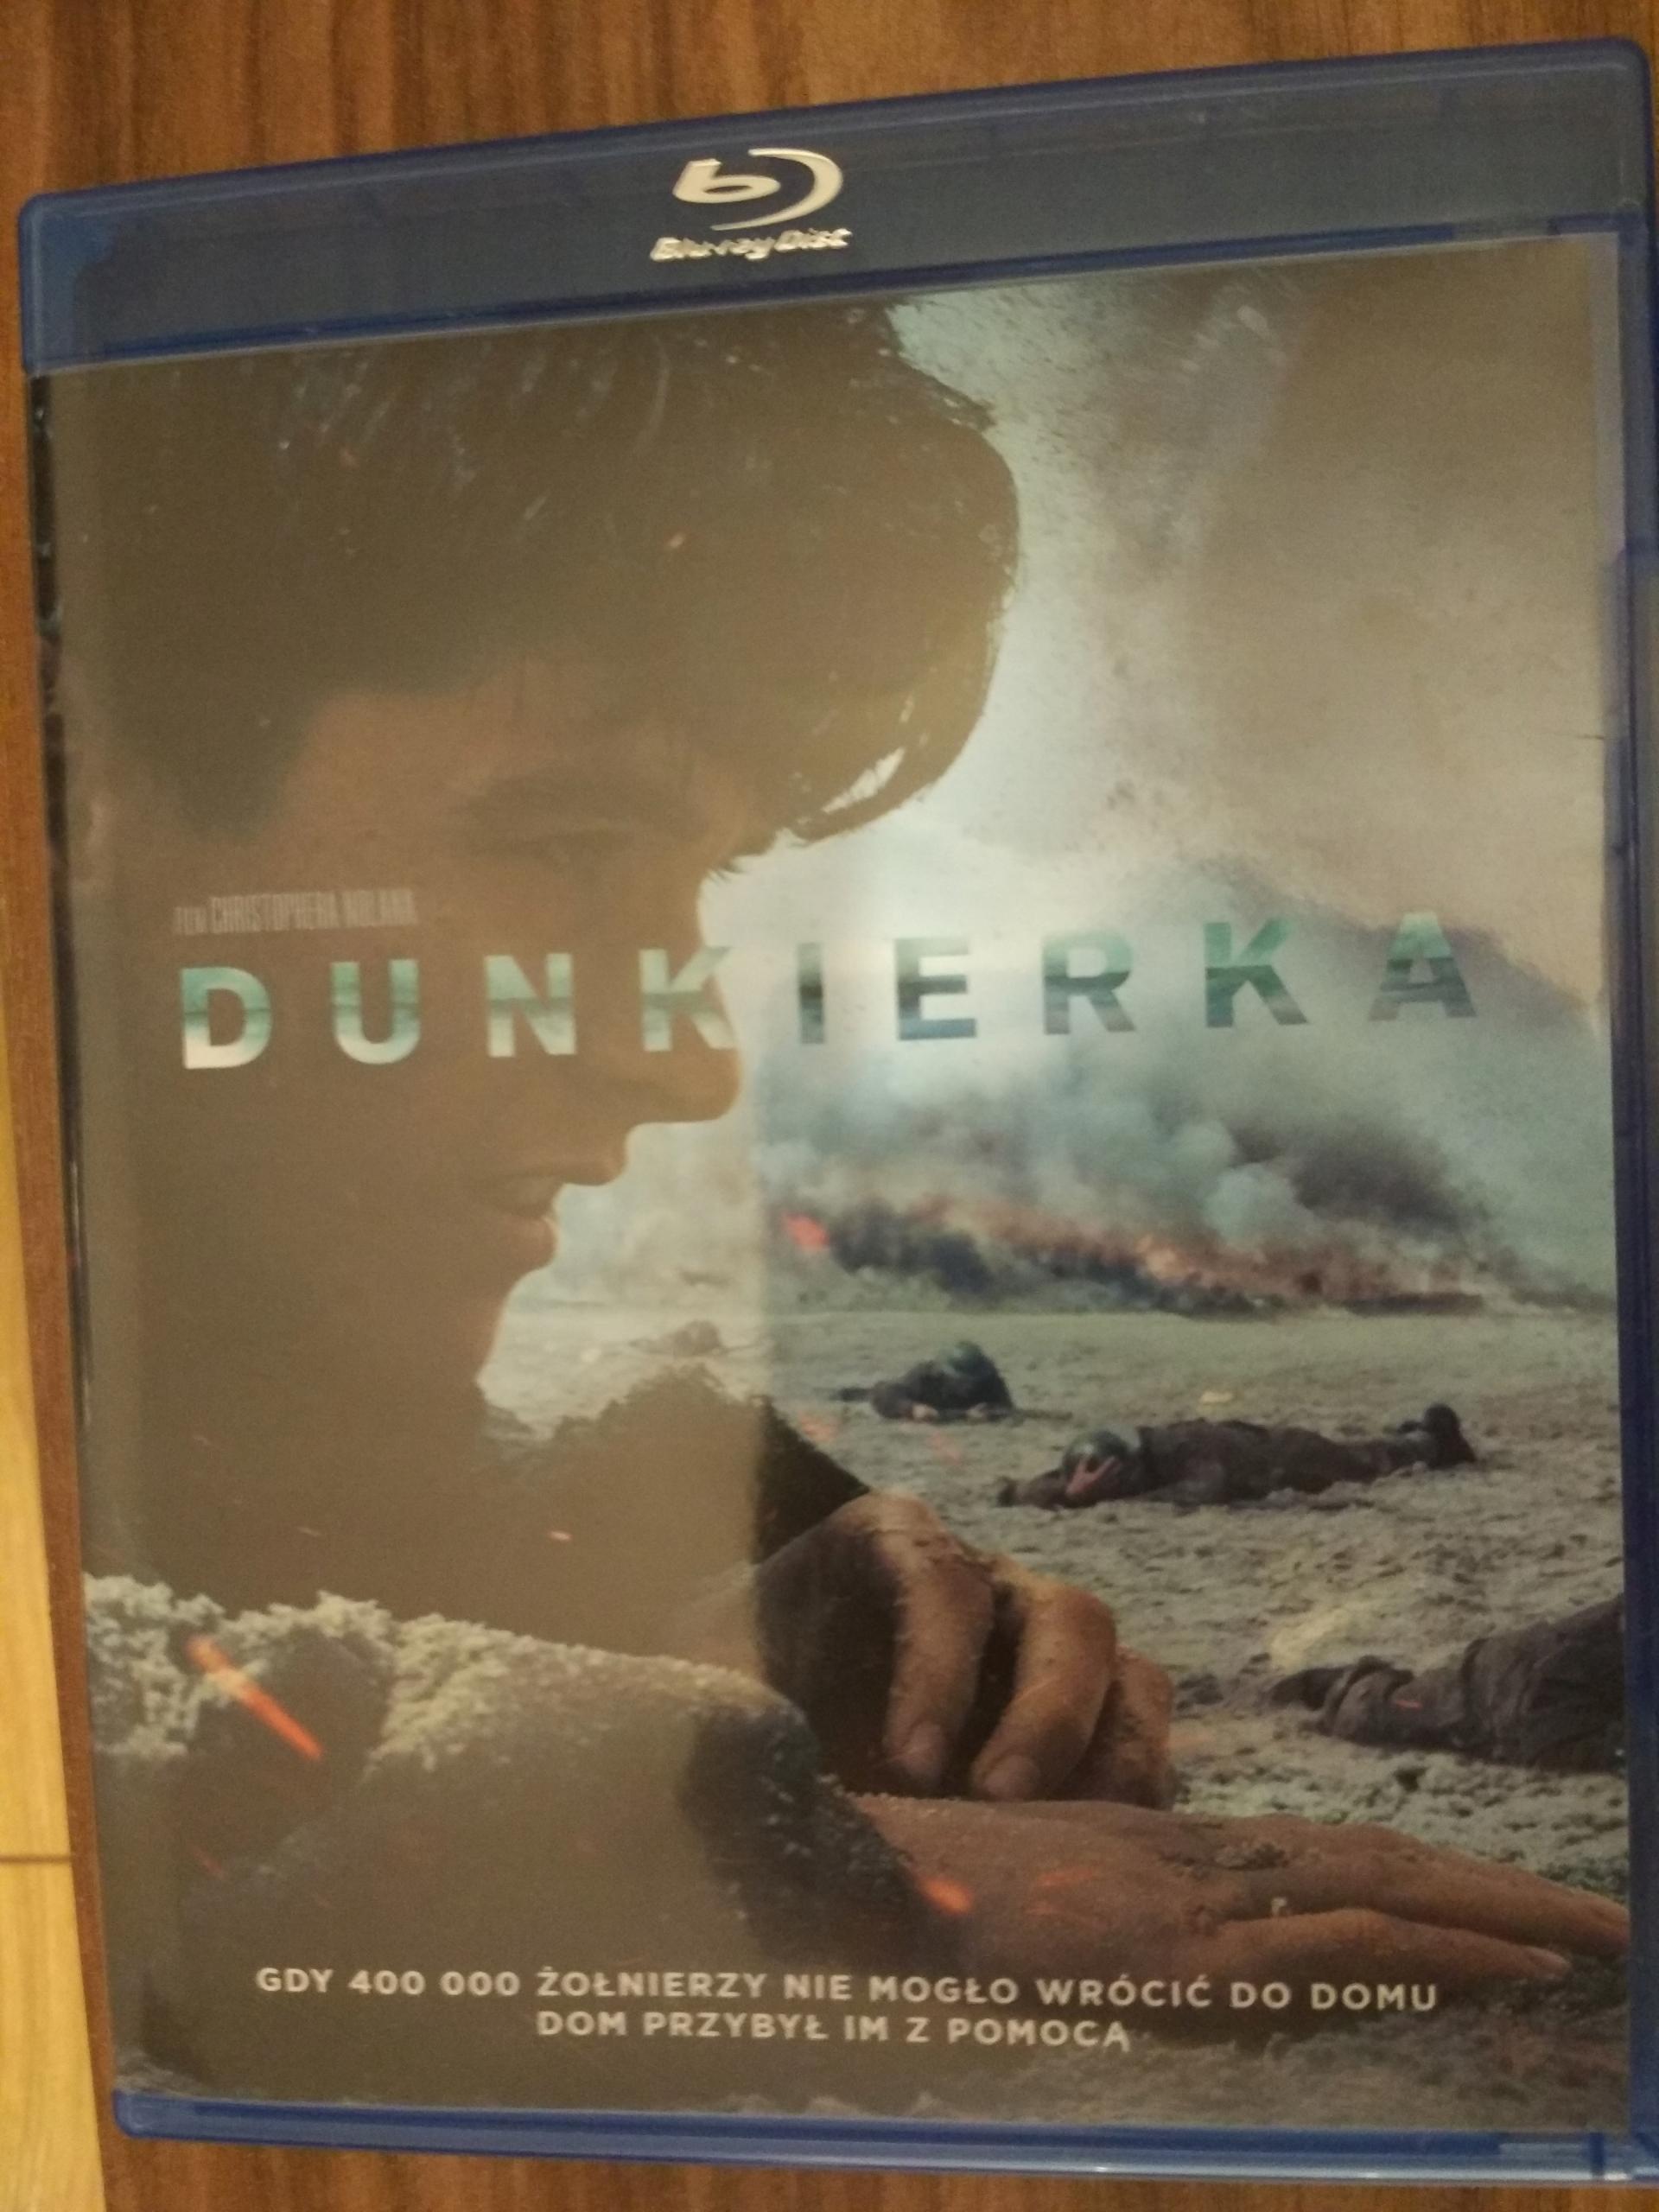 DUNKIERKA / DUNKIRK - 2X BLU-RAY PL